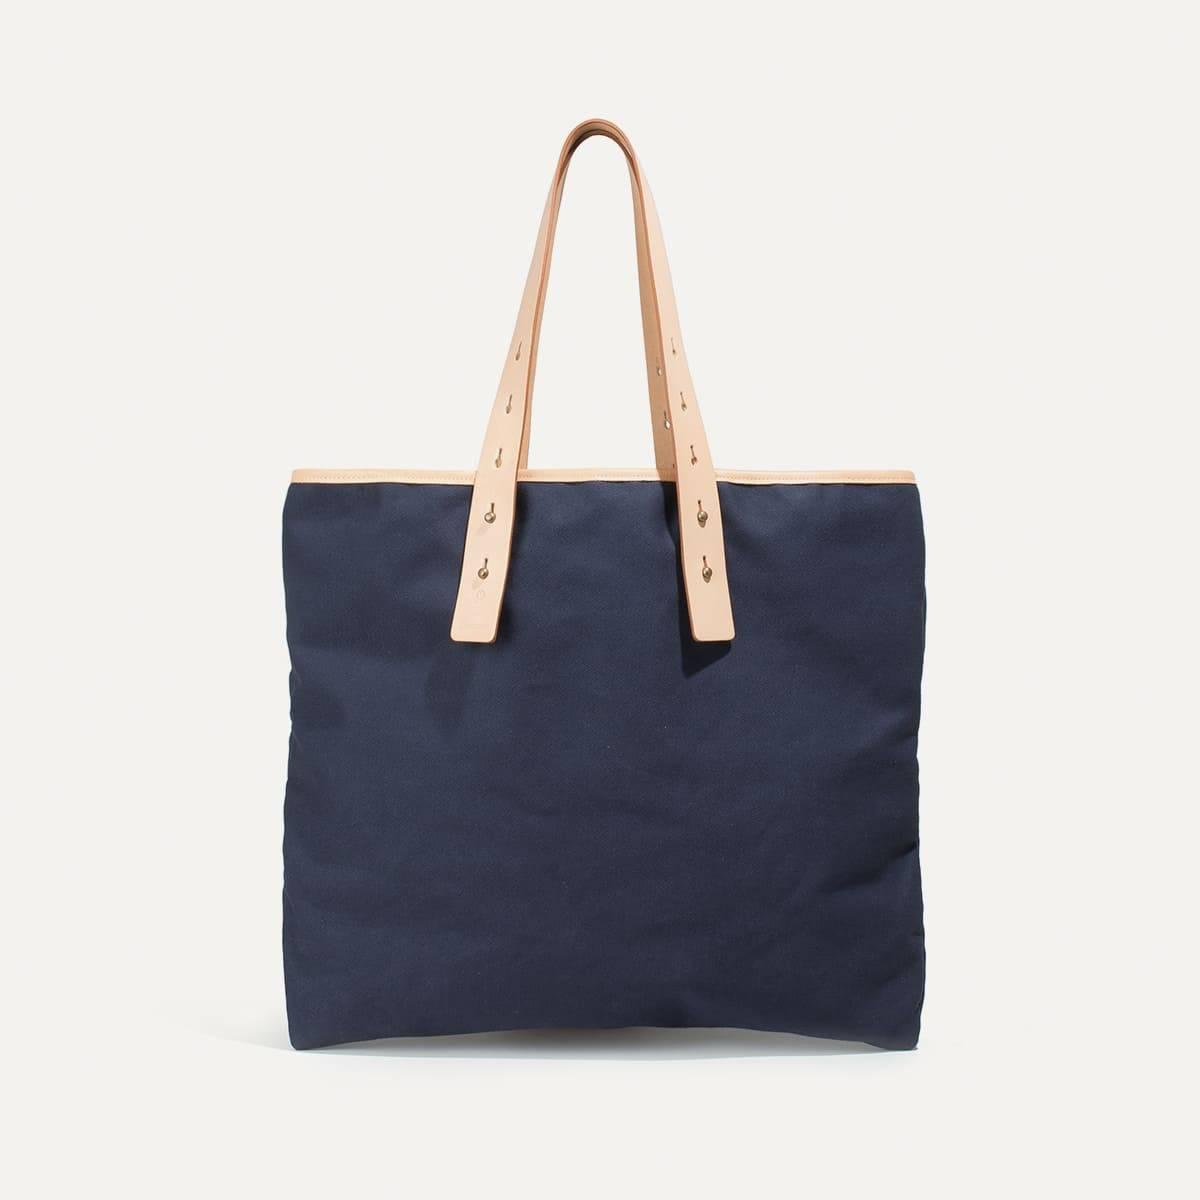 BDC x Bonhomme bag (image n°11)